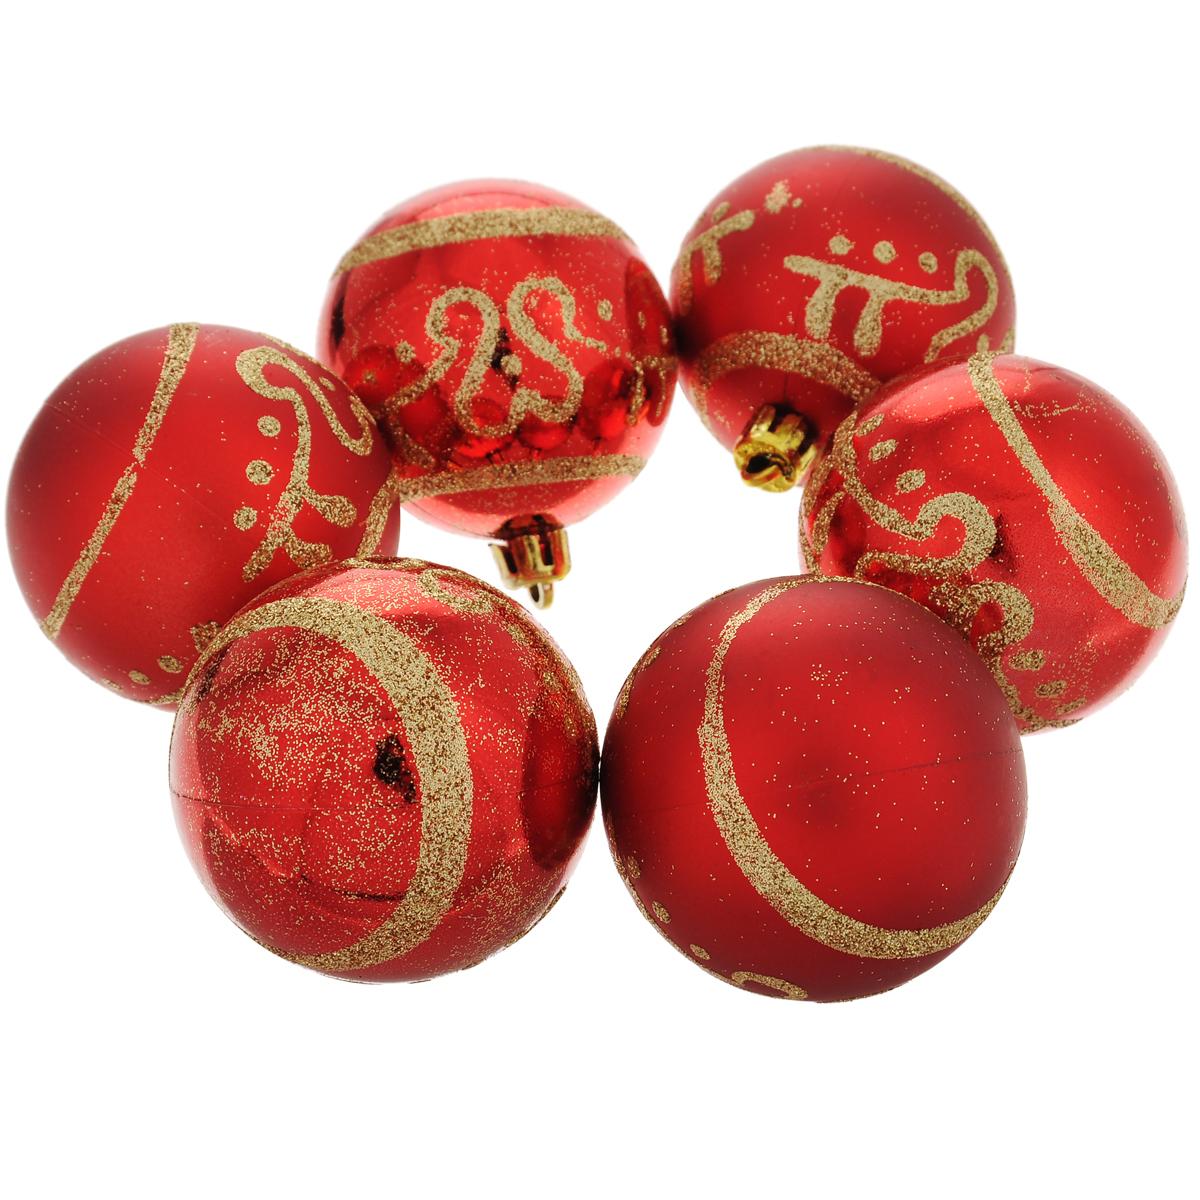 Набор новогодних подвесных украшений Шар, цвет: золотистый, красный, диаметр 6 см, 6 шт. 35494 набор подвесных новогодних украшений шары цвет золотистый красный 6 шт 26270